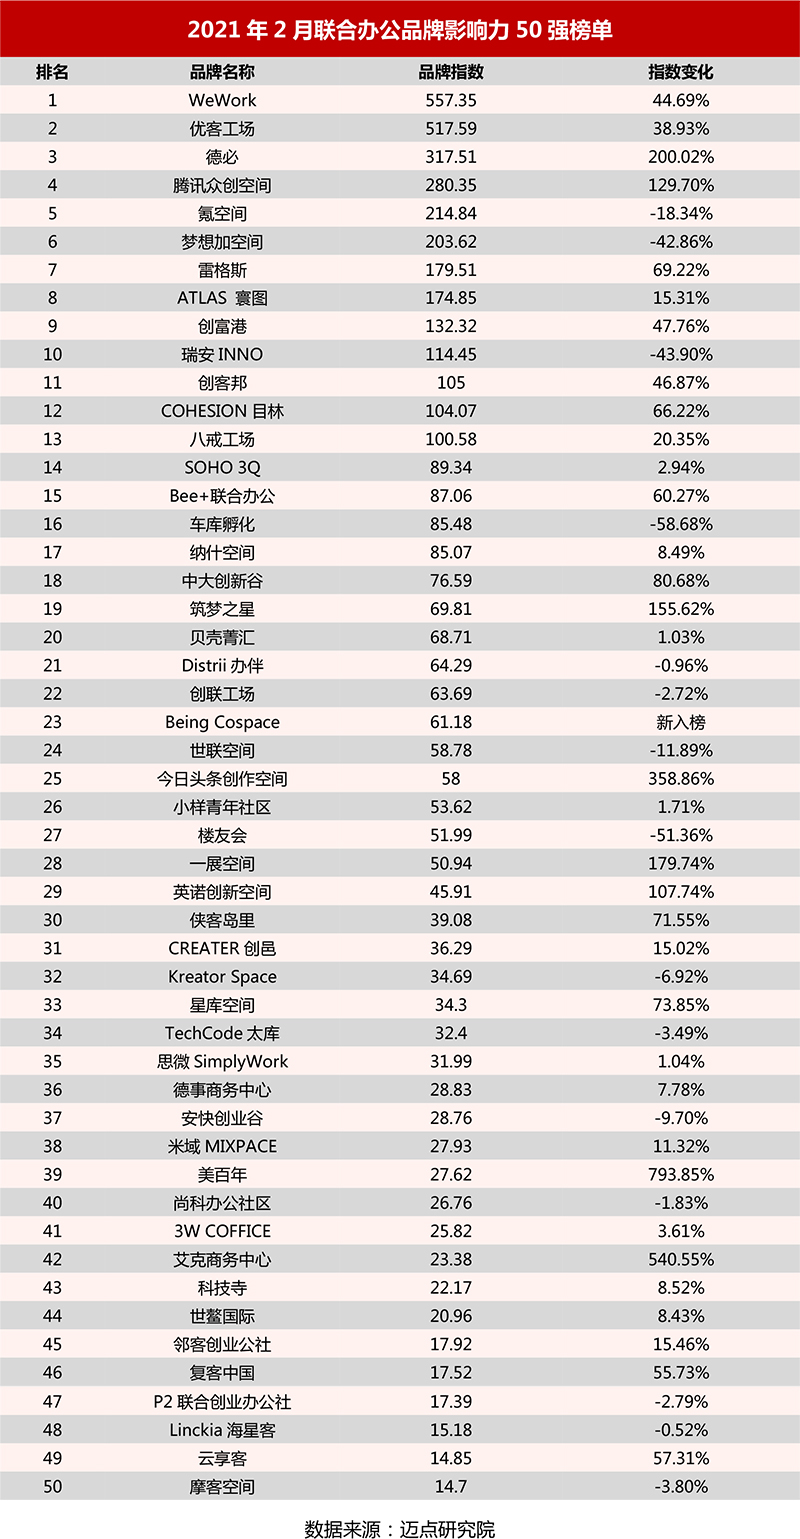 2021年2月联合办公品牌影响力50强榜单.jpg